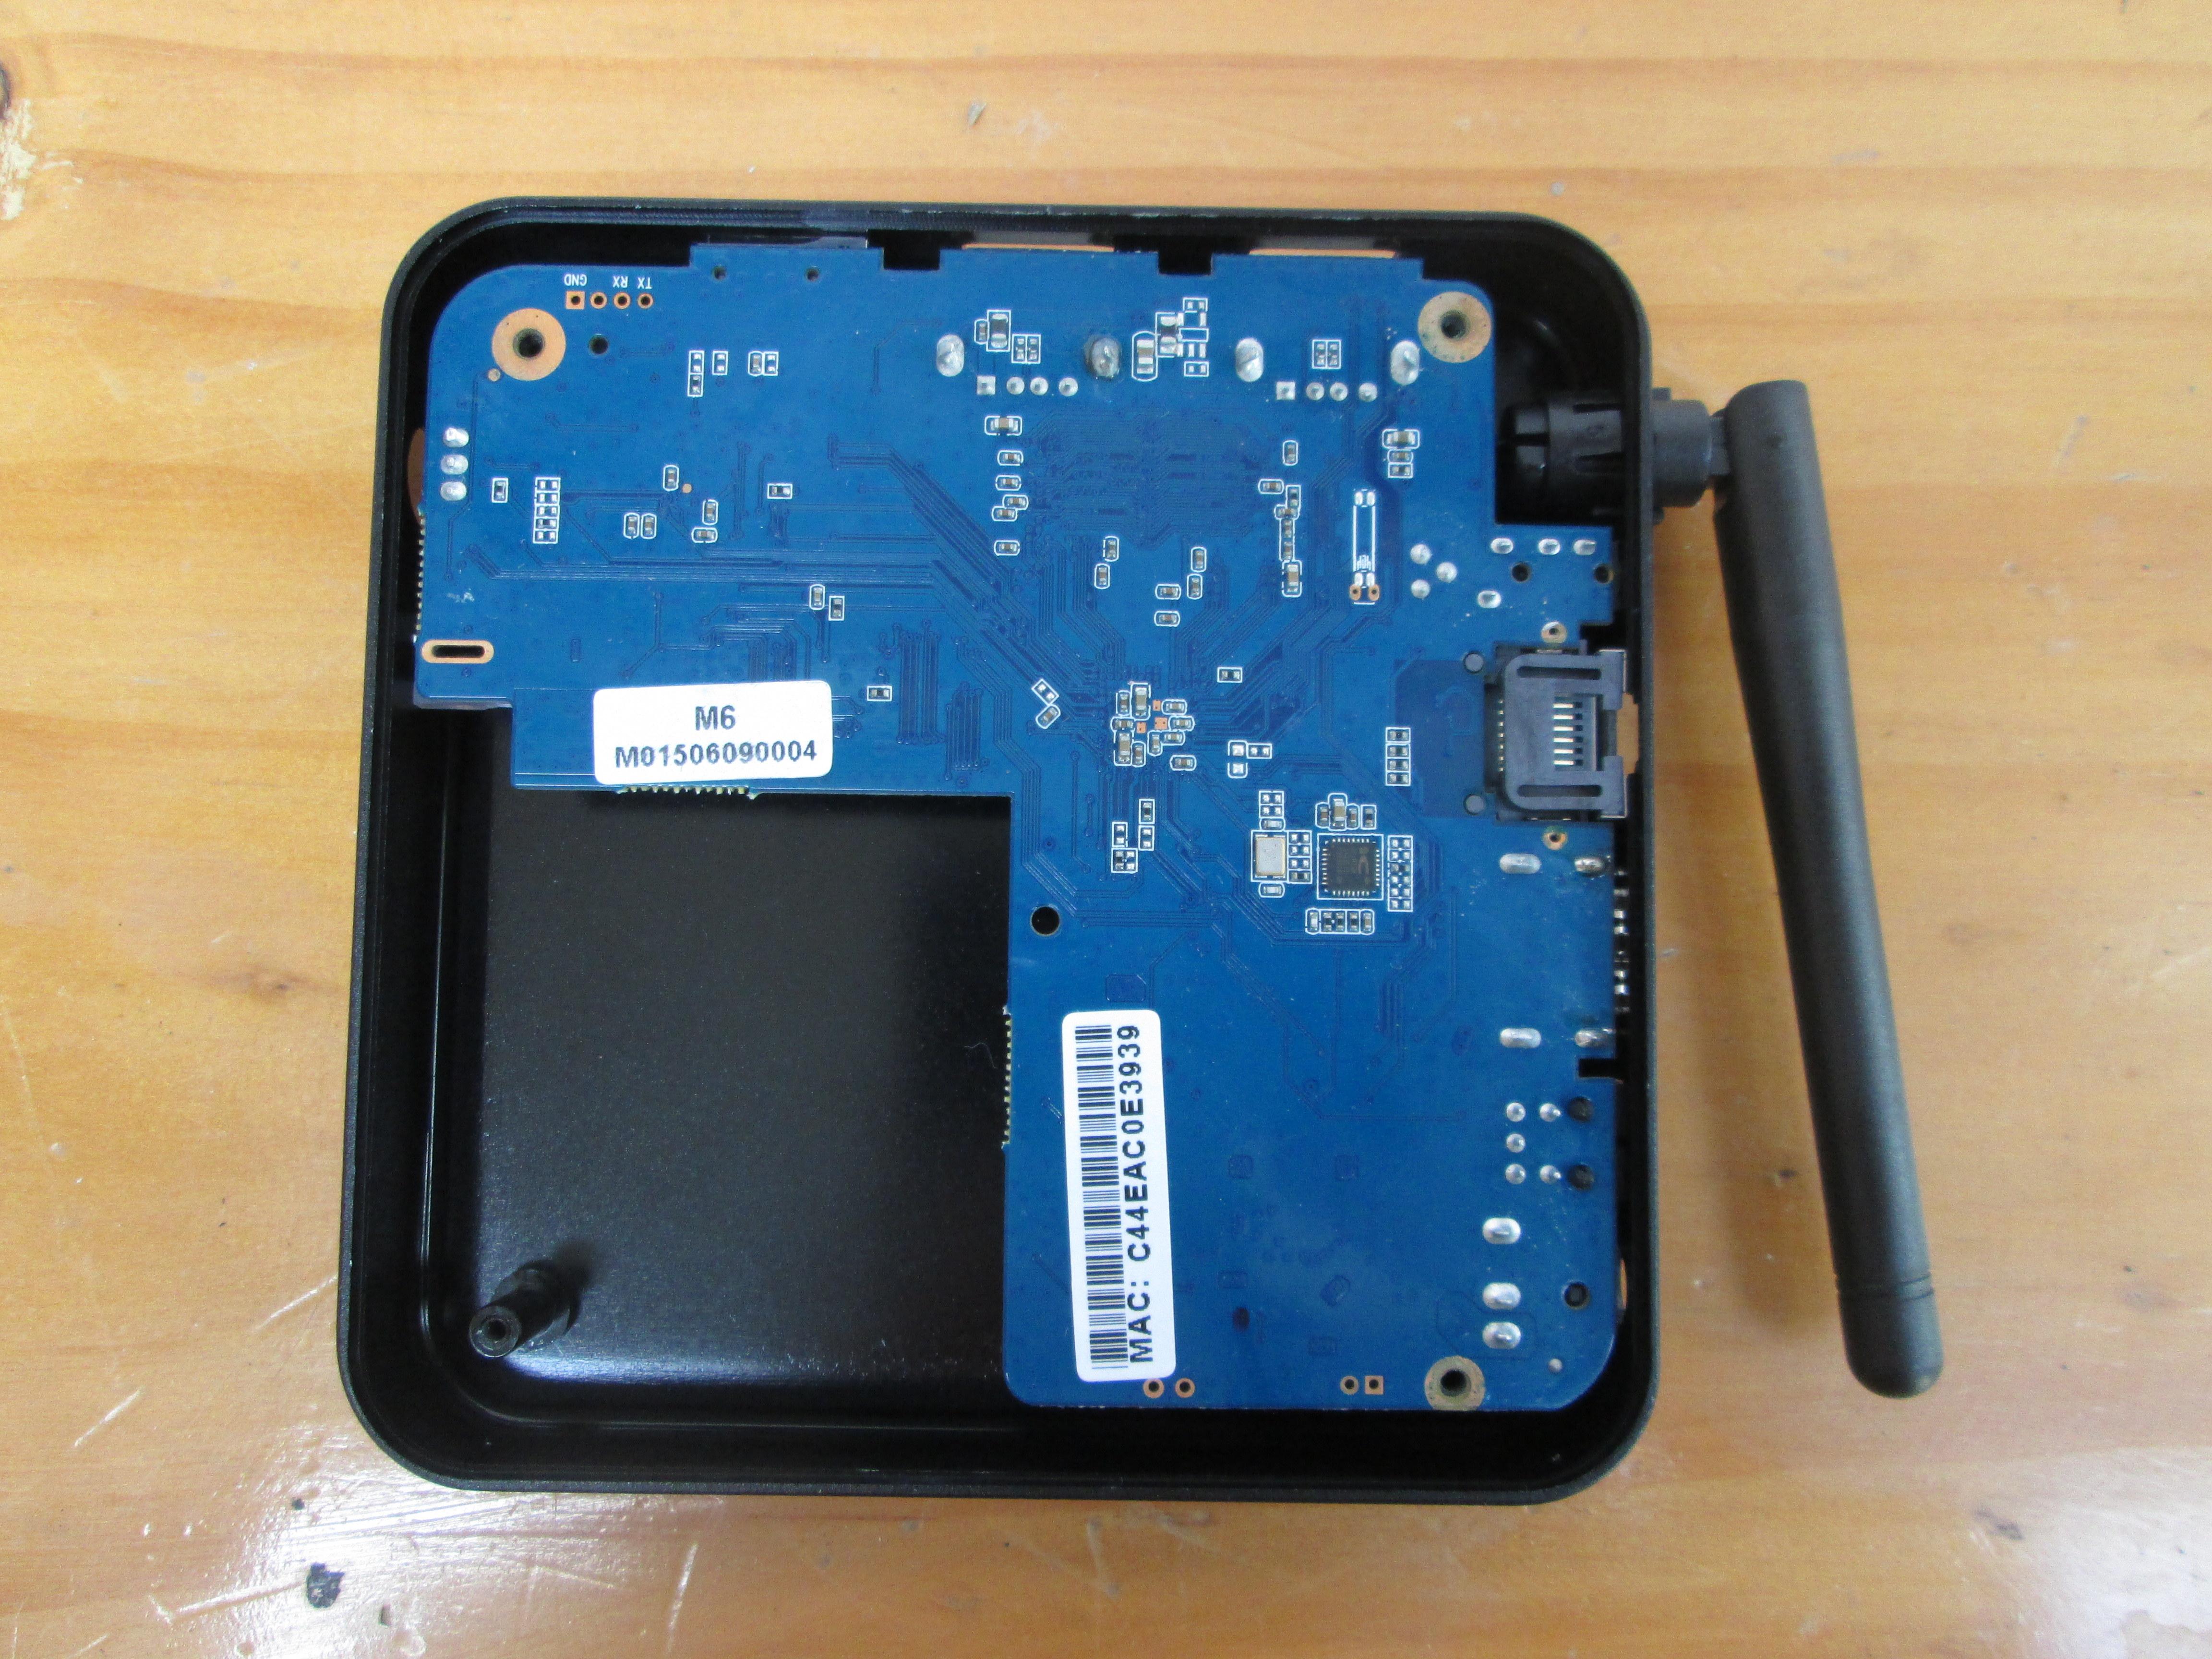 ARNU Box Mach Q Kodi 15 Linux TV Box Specs, Unboxing and Teardown